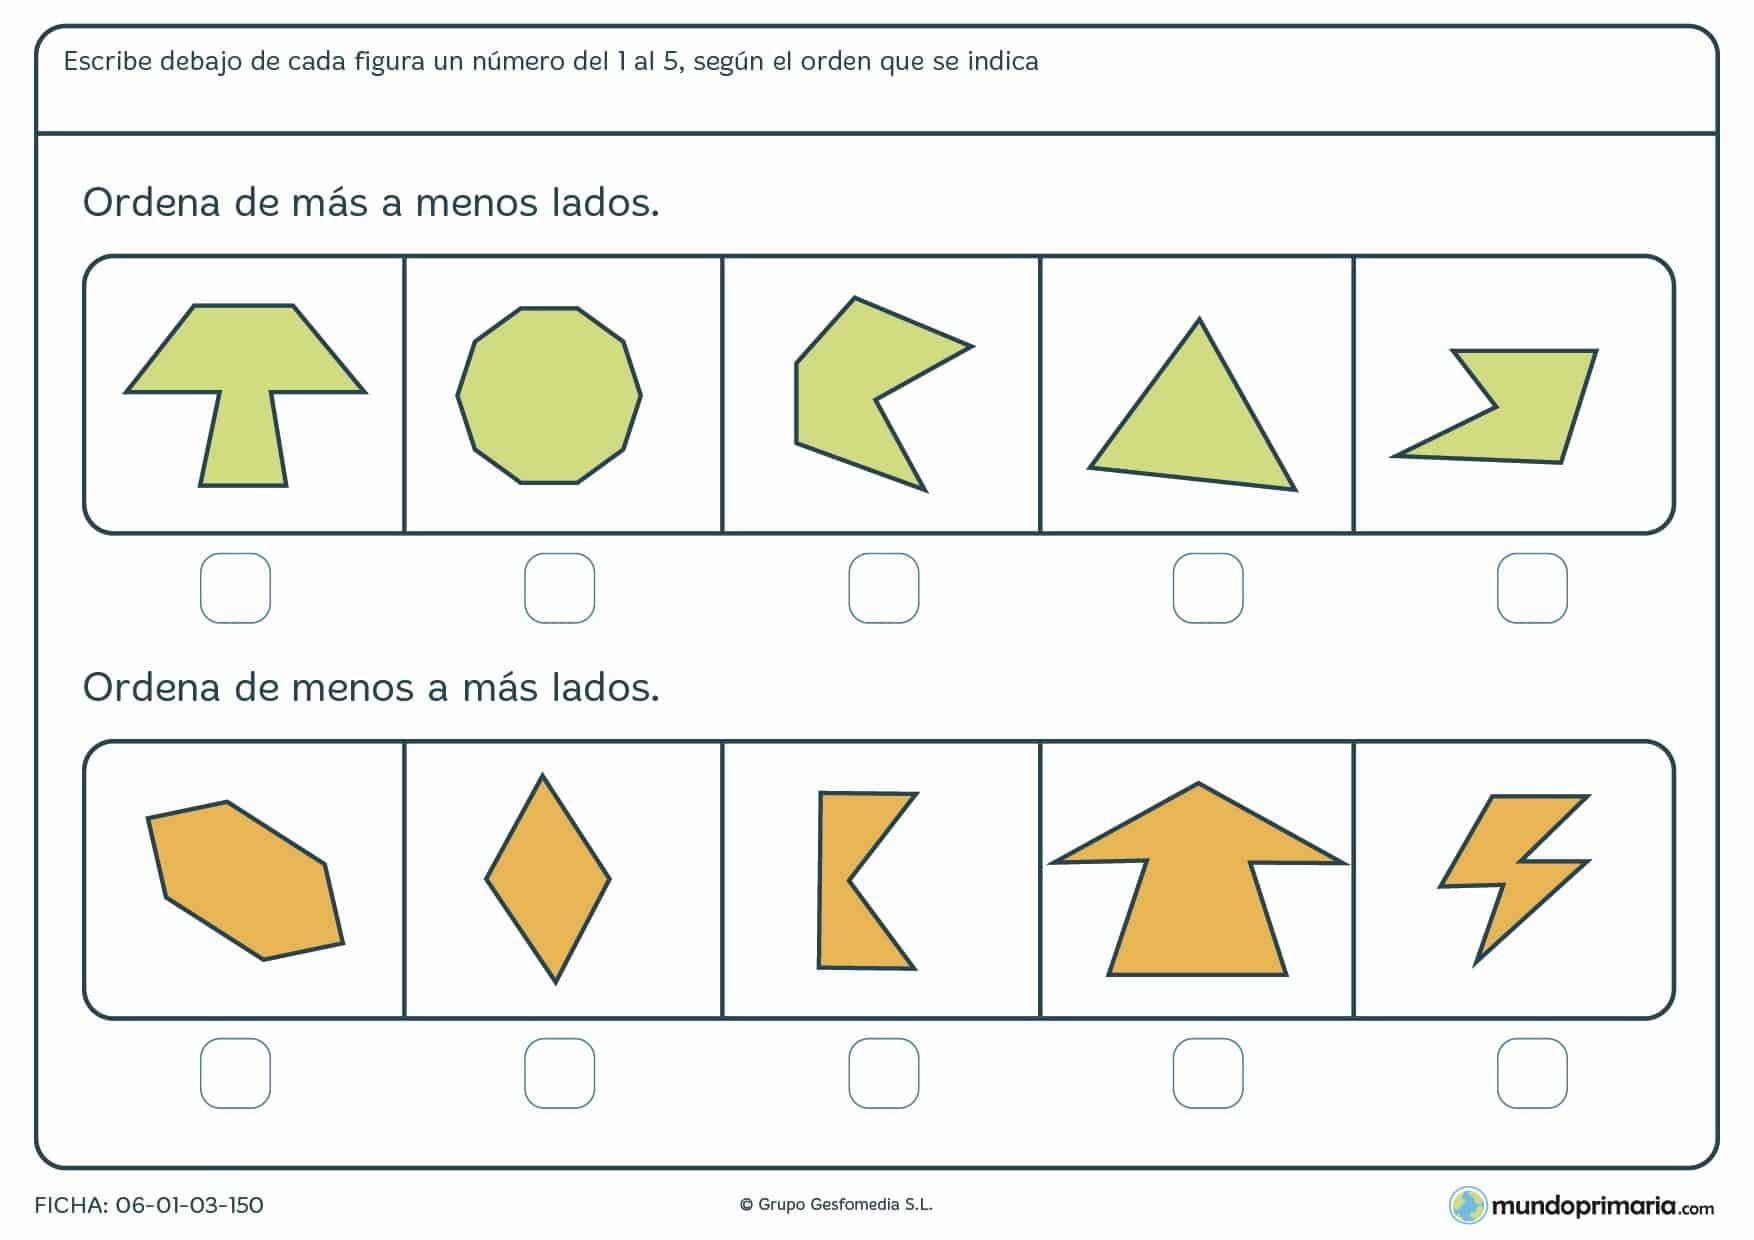 Ficha de lados de figuras geométricas y su ordenamiento según su número de lados.